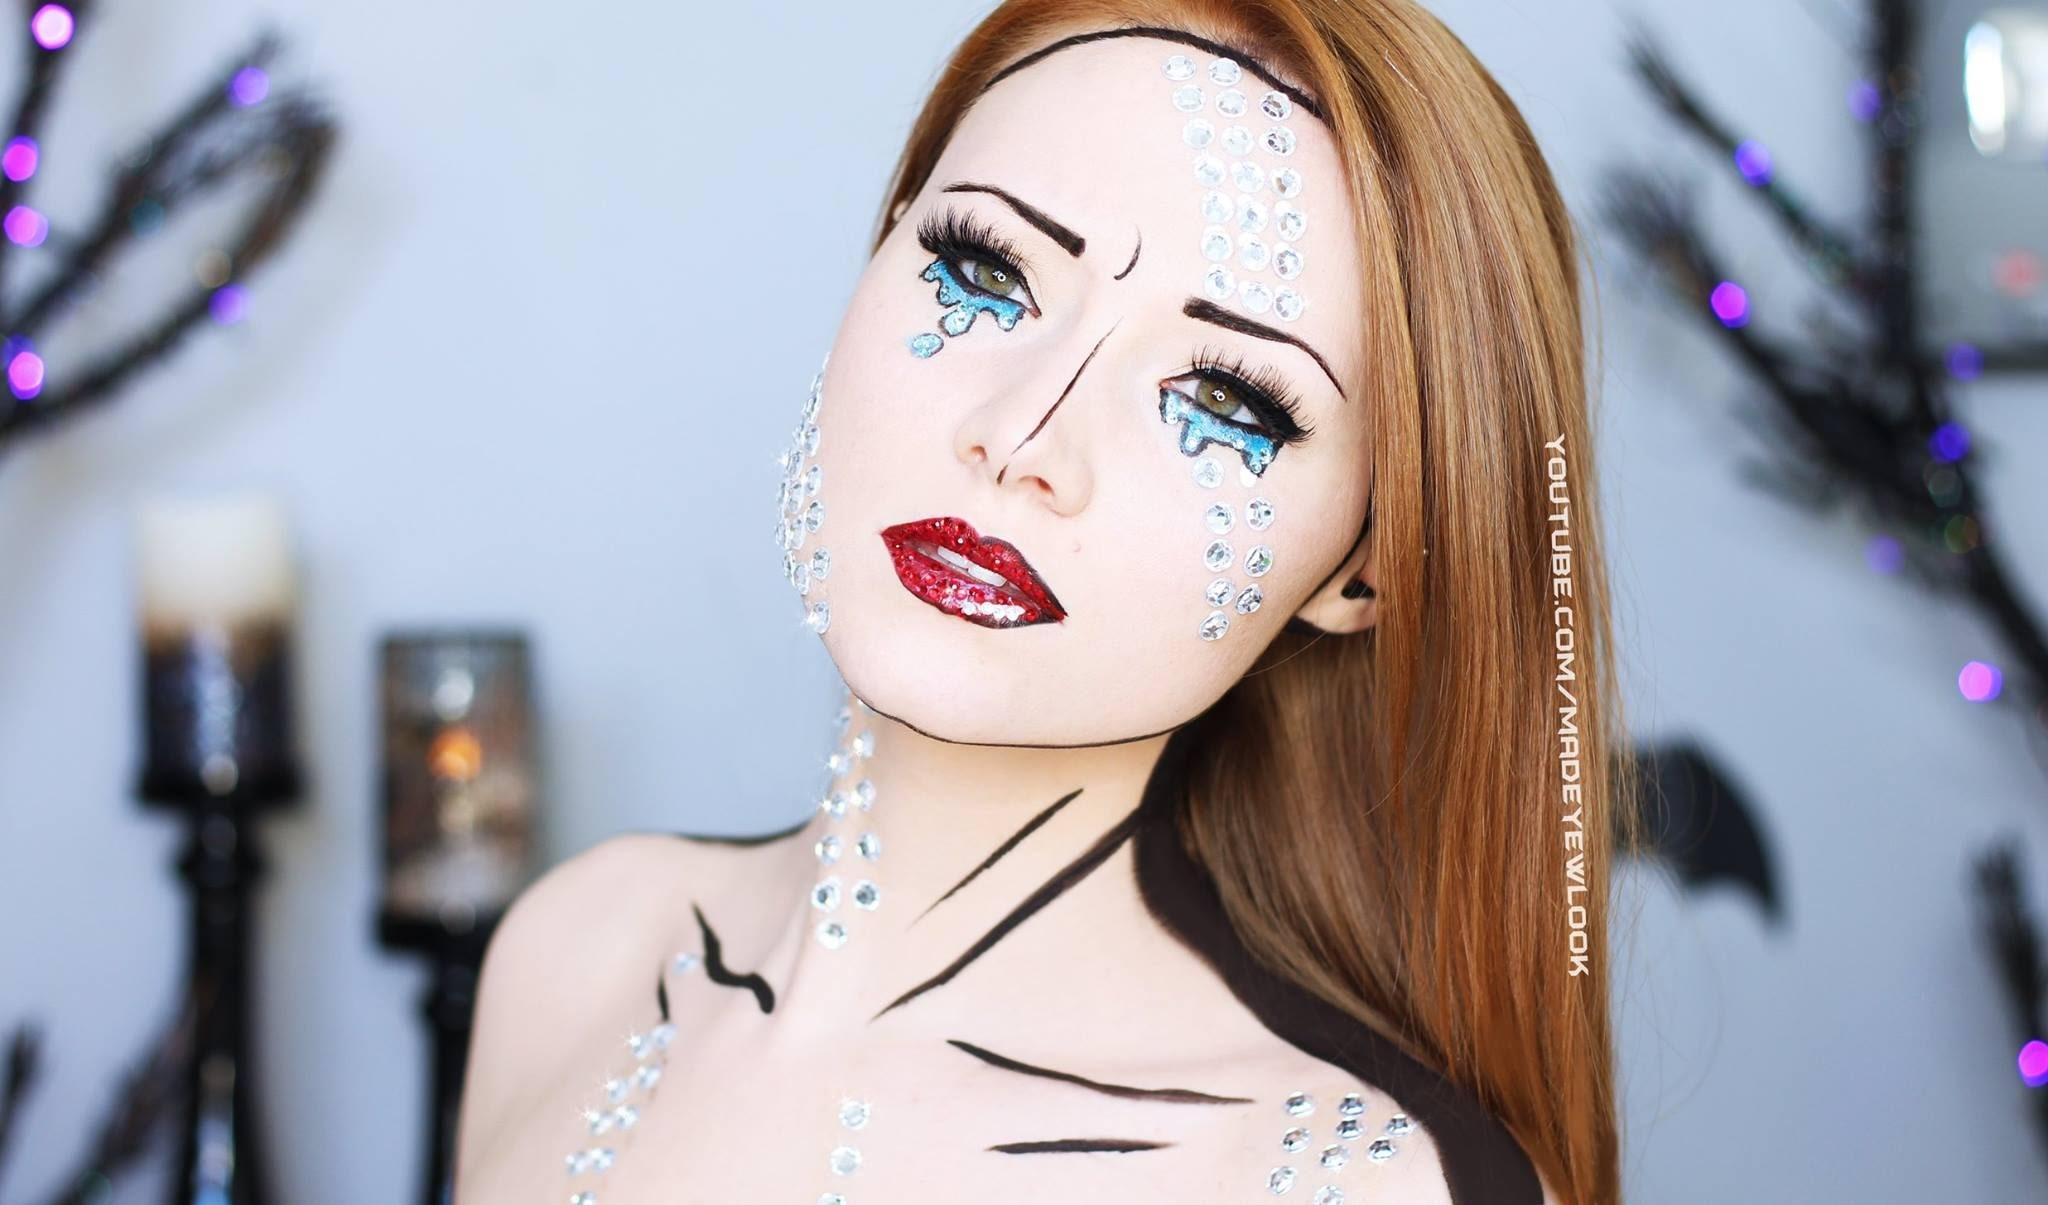 Comic Book Makeup Tutorial (4 Different Ways)